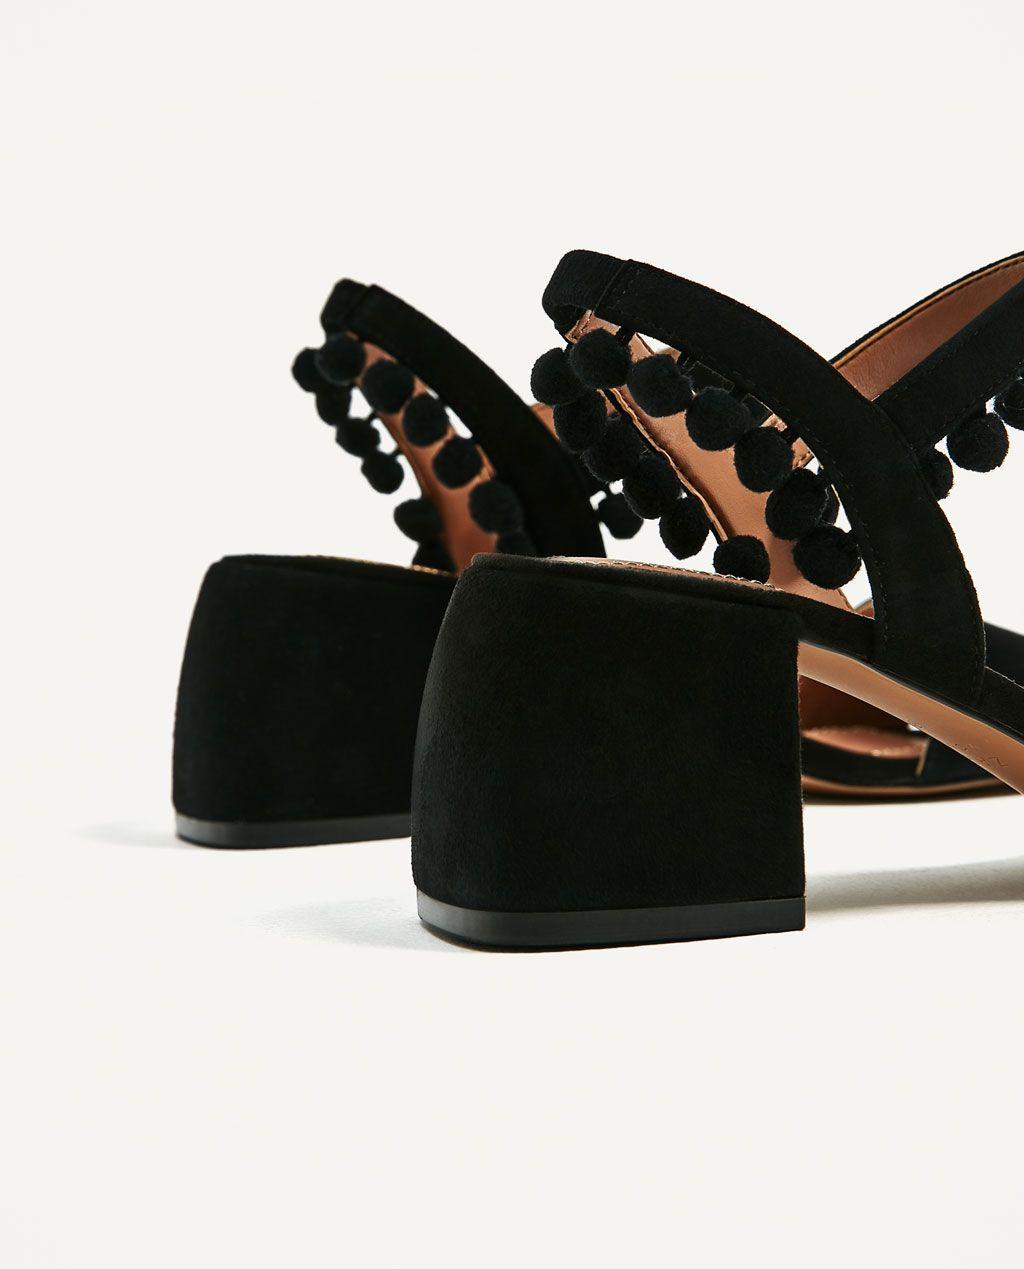 Medio Piel Zapatos RebajasZara Sandalia Mujer Pompones Tacón tsQrChd